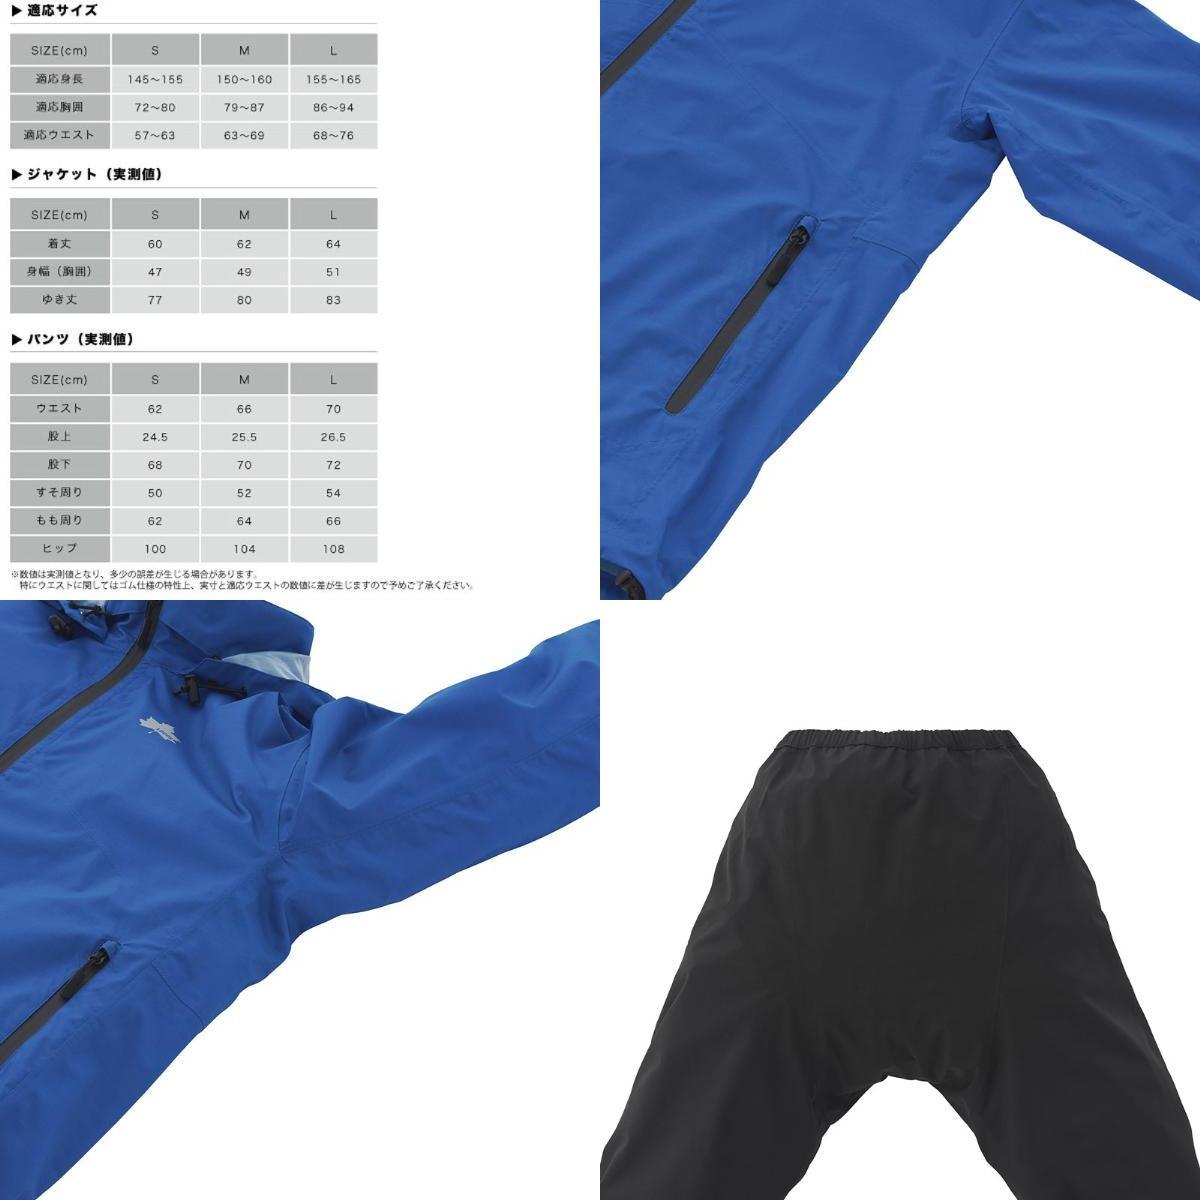 ロゴス(LOGOS) ストレッチ レインスーツ Women's L ブルー 36710152